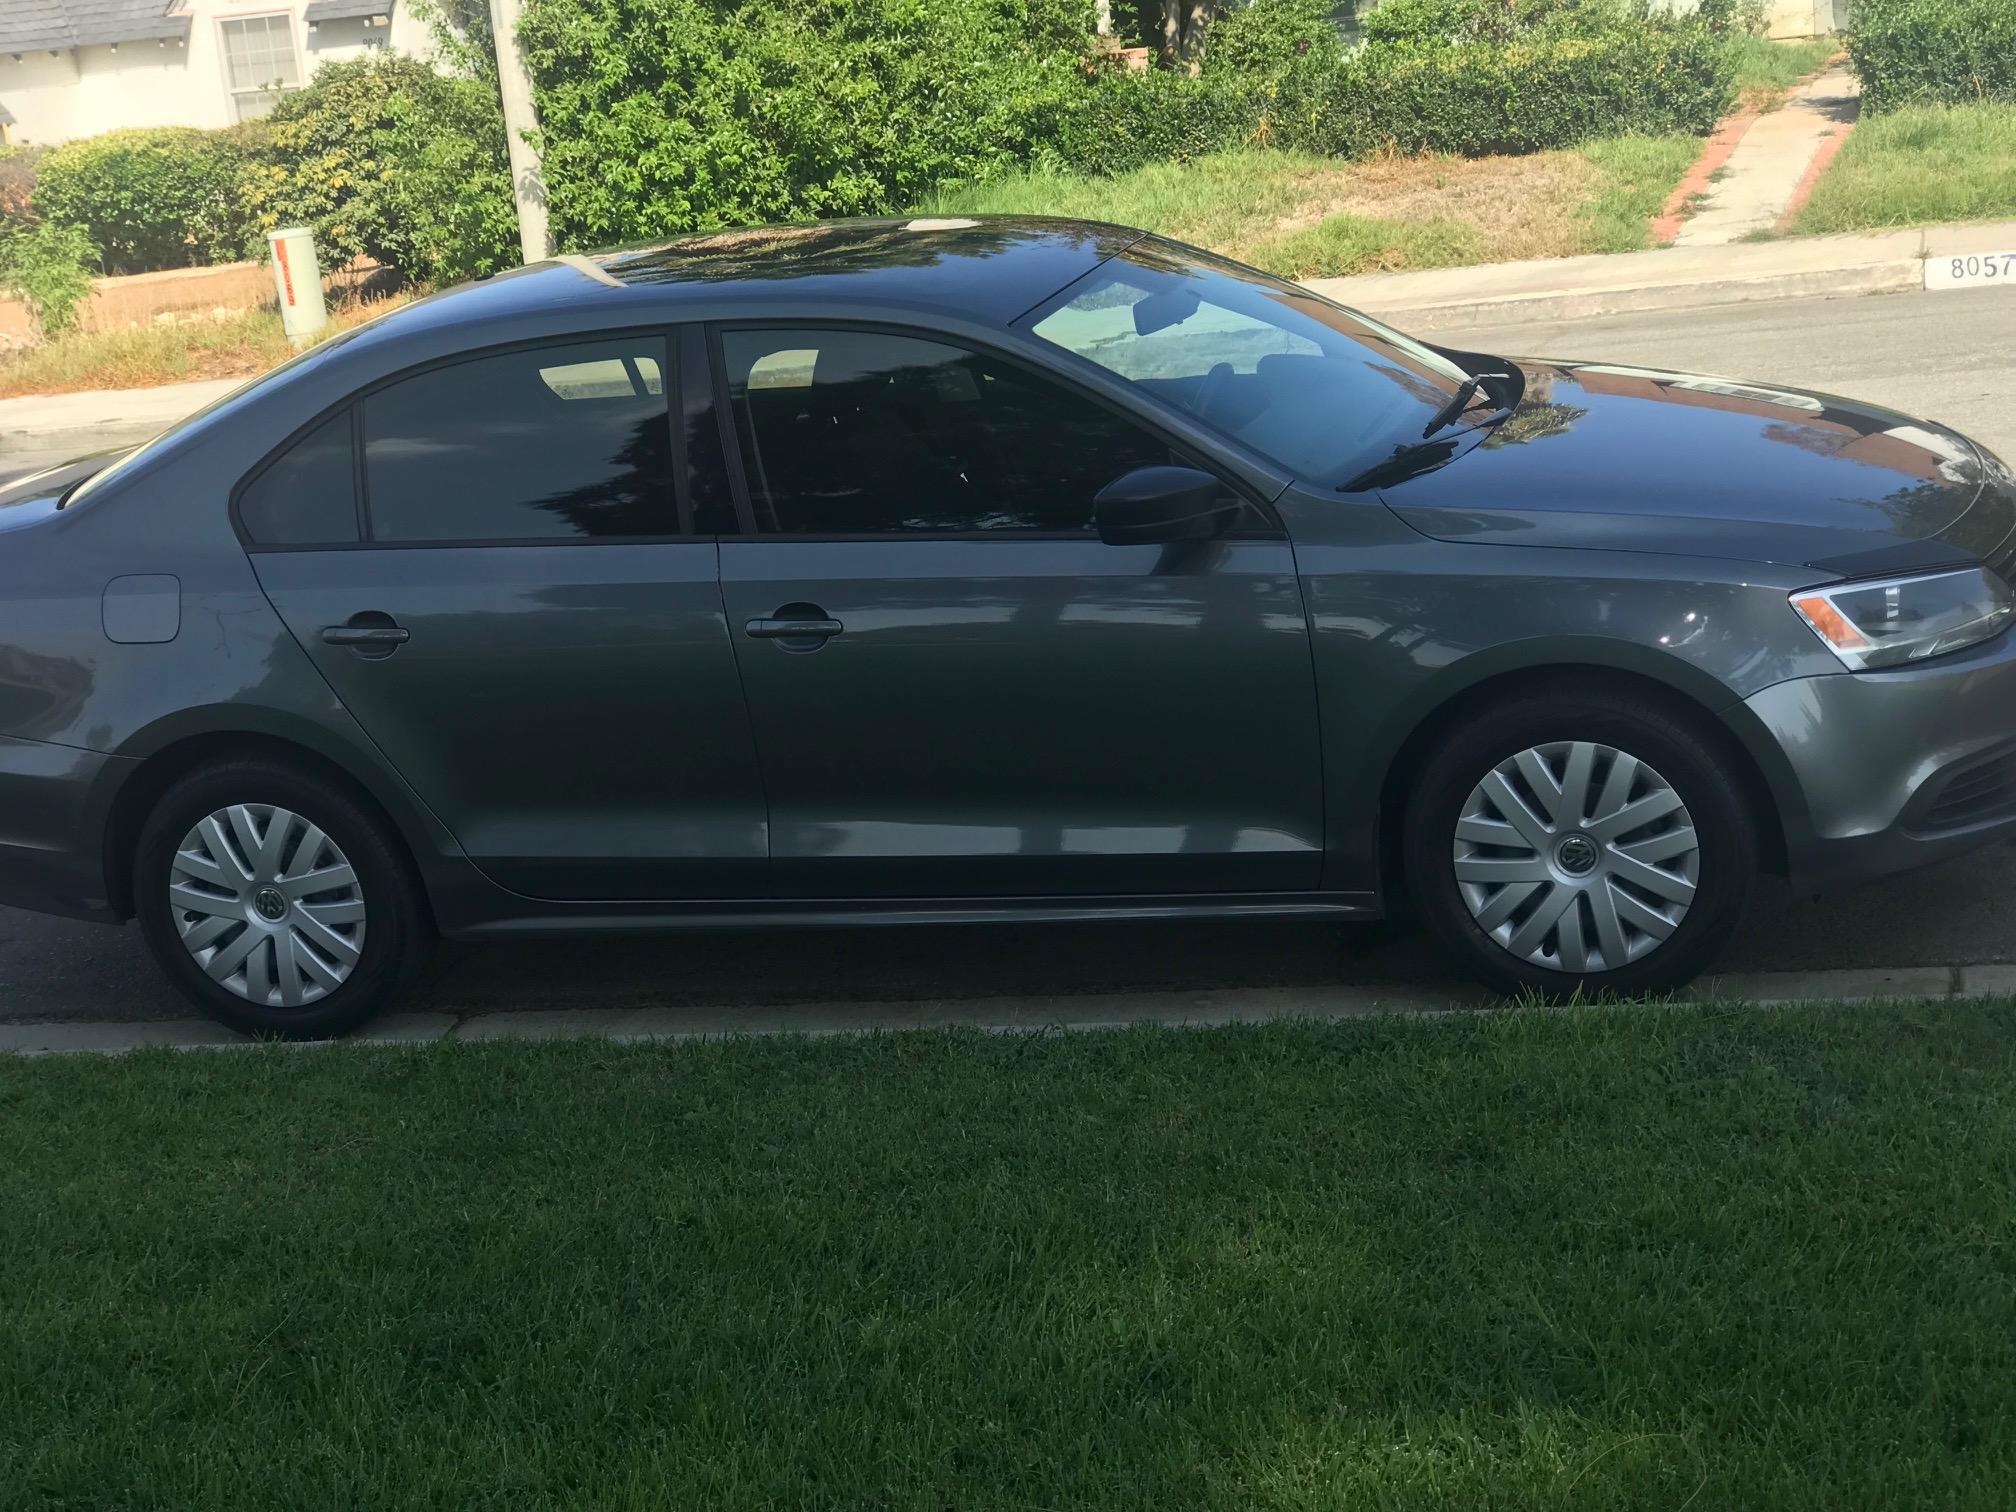 2012 VW Jetta S 2.0L